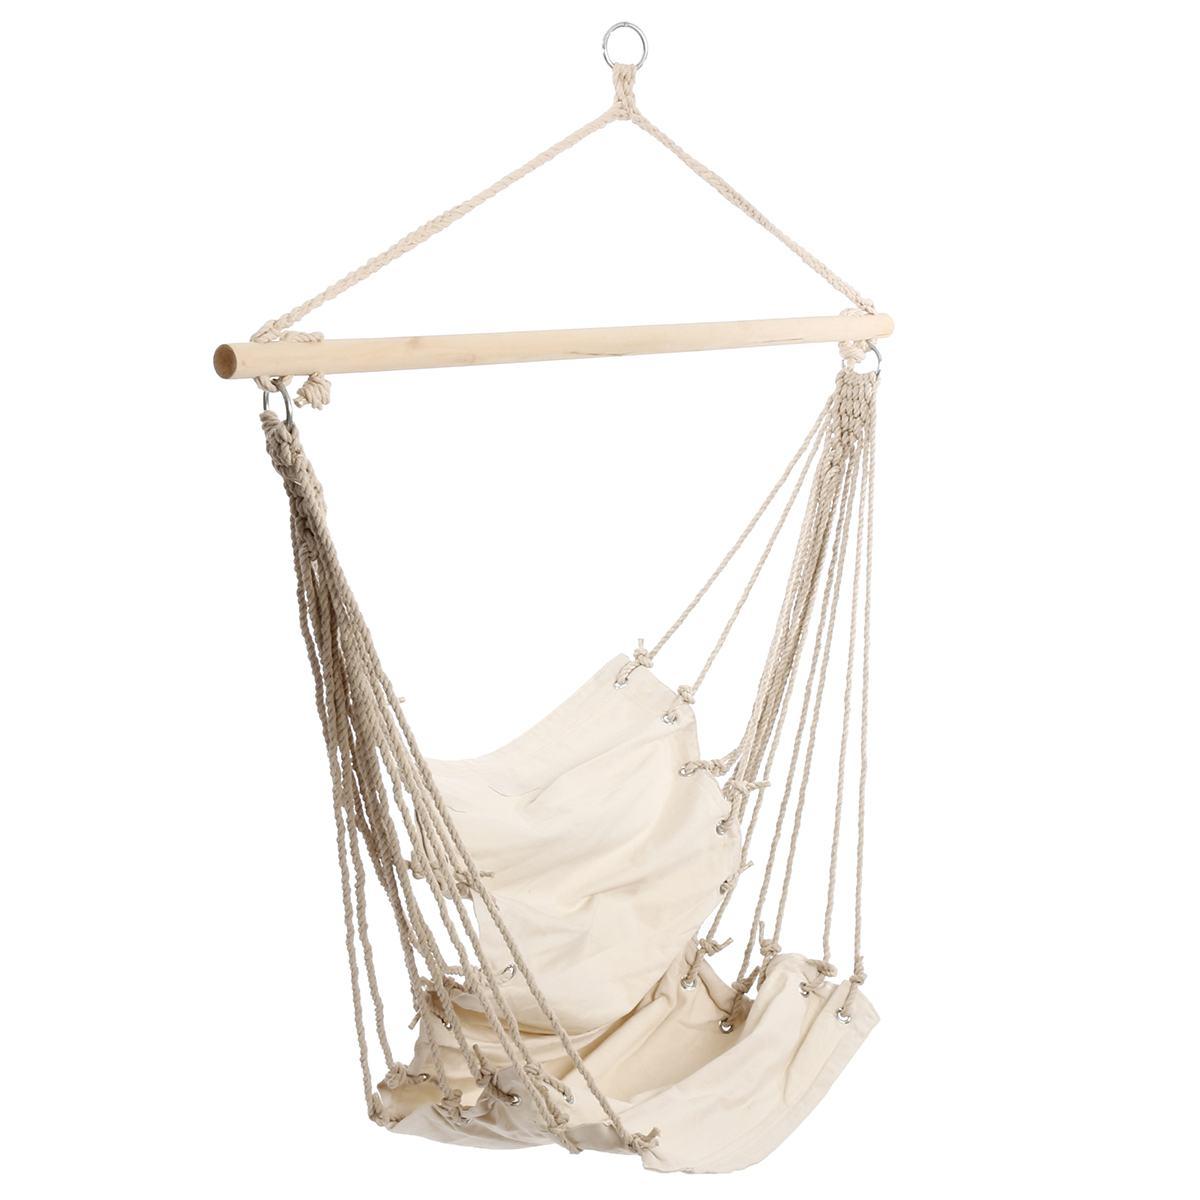 Outdoor Indoor Garden Hanging Hammock Chair For Child Kids Adult Swinging Nordic Style Dormitory Bedroom Hanging Chair